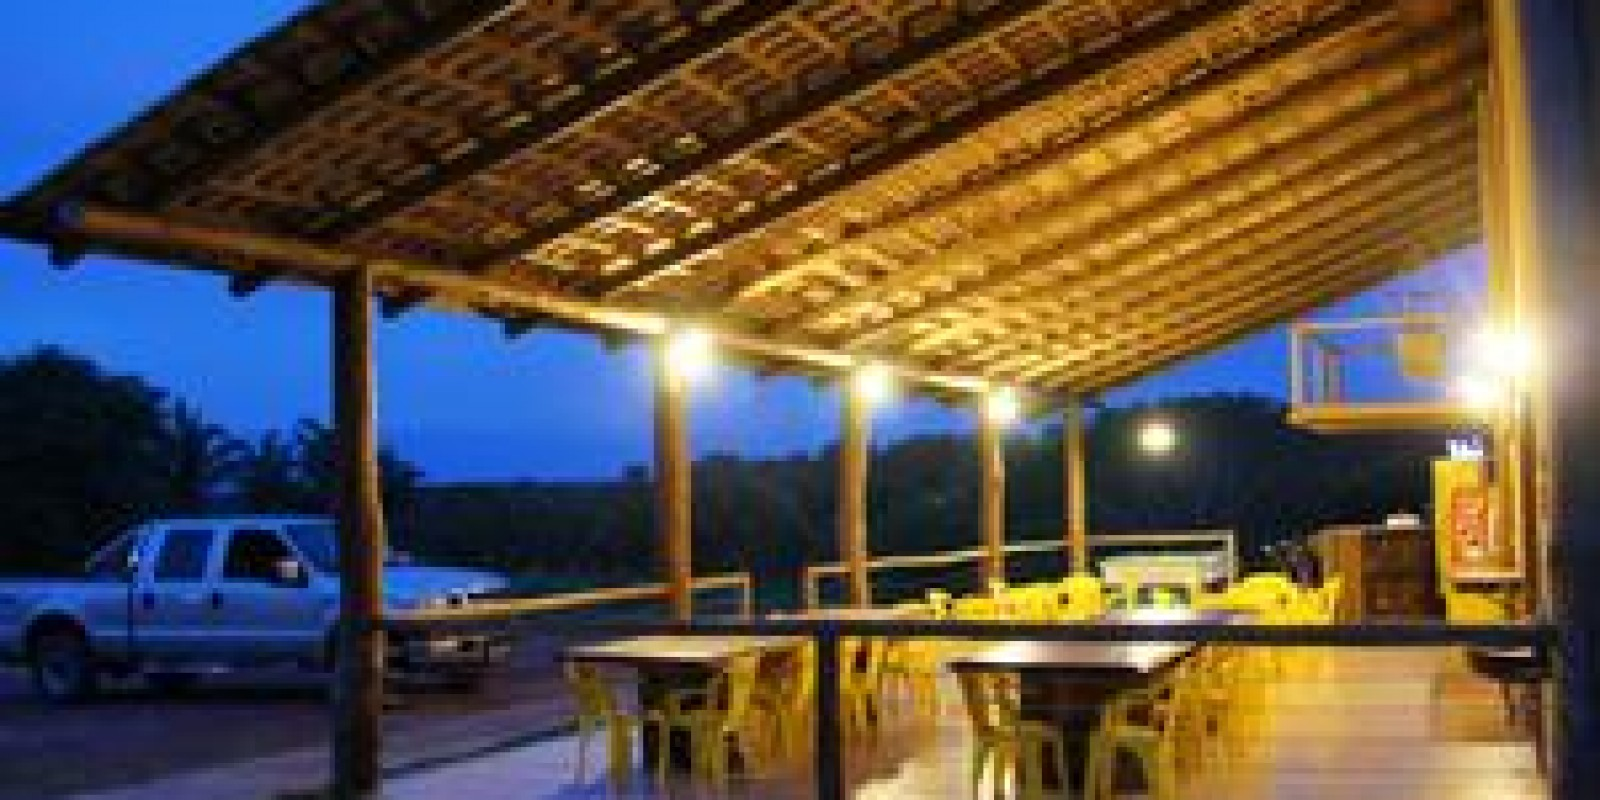 POUSADA NASCENTE DO ARAGUAIA / TORIXAREU  - Foto 11 de 12